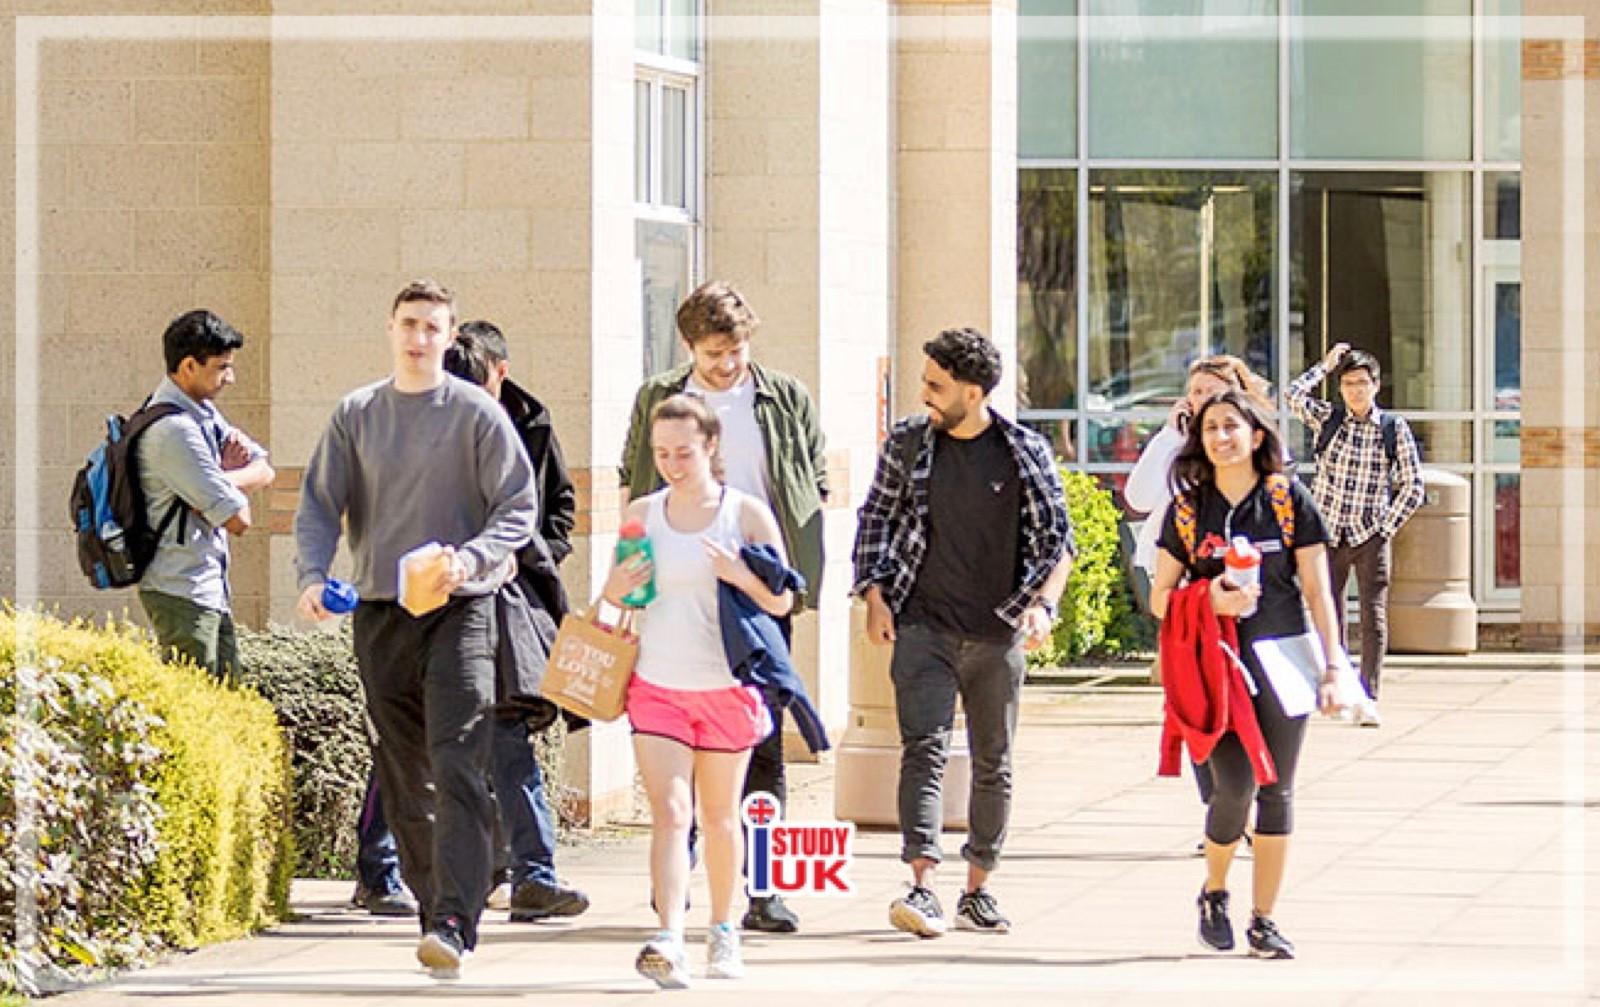 เรียนต่ออังกฤษ Foundation and Pre-Masters Durham University กับ เอเยนซี่ I Study UK ปรึกษาฟรีดูแลตลอดระยะเวลาในต่างแดน